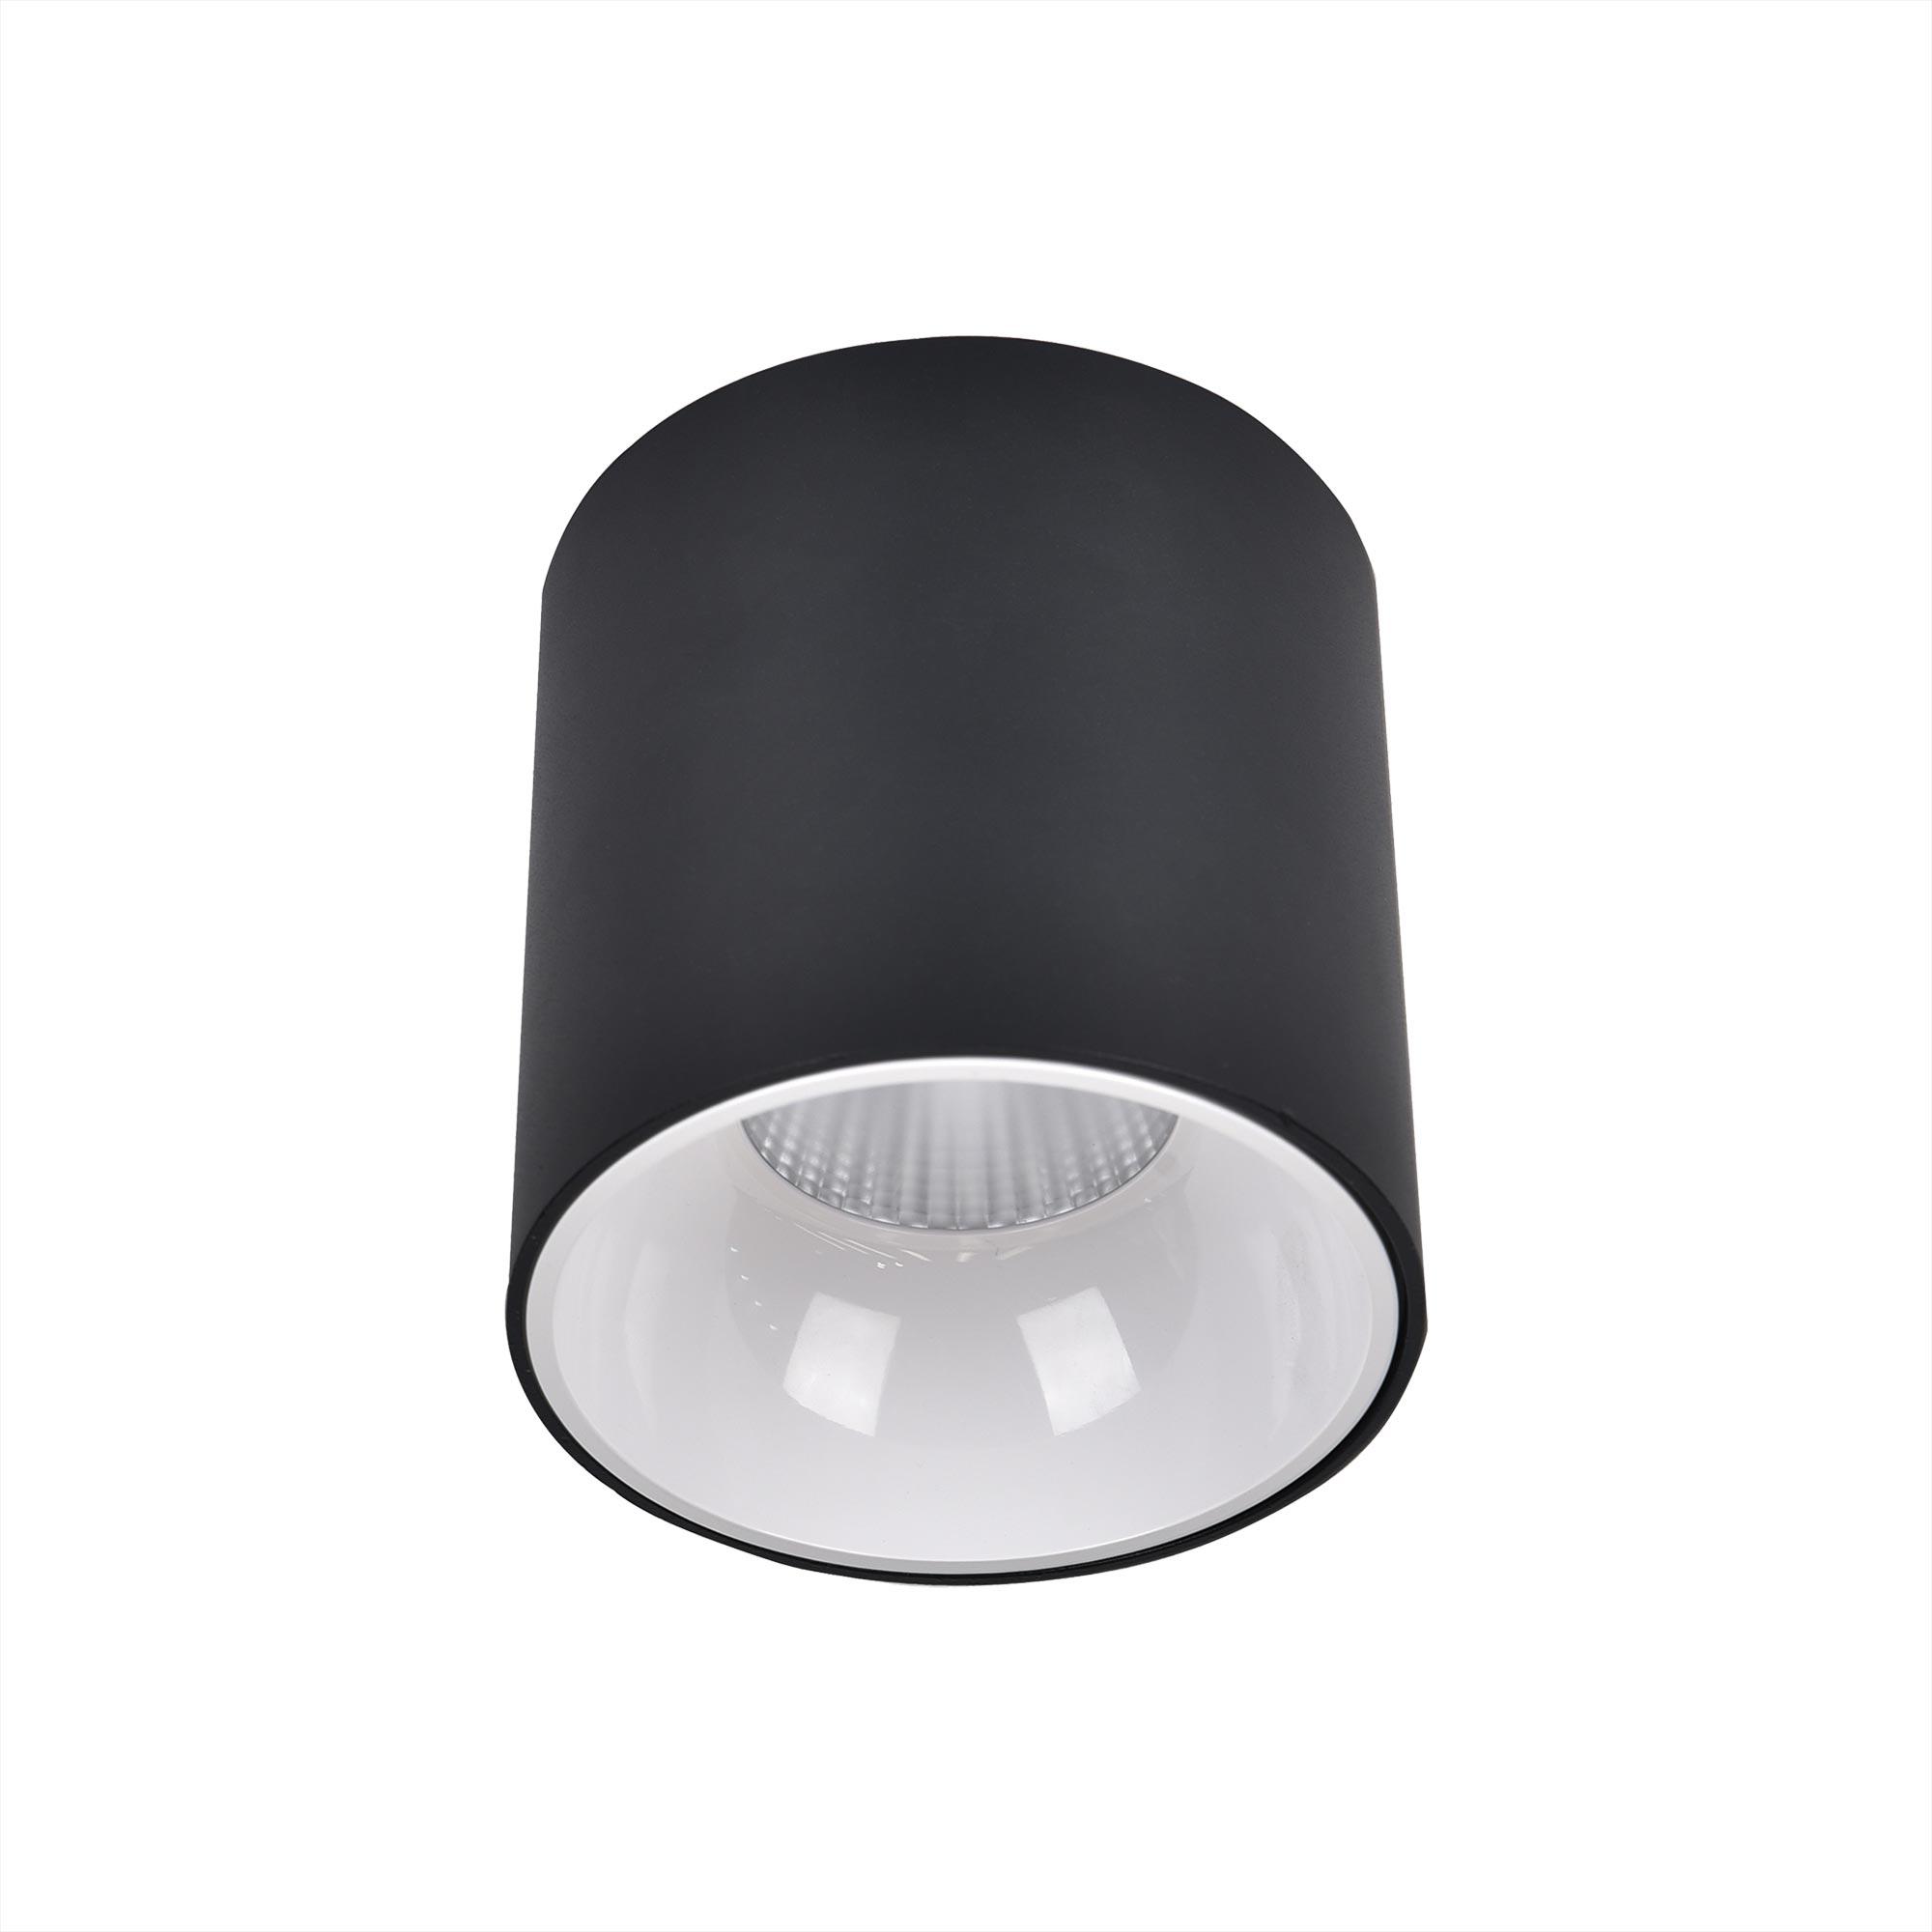 Настенно-потолочный светодиодный светильник Citilux cl7440110 старк 12wх3500k настенно потолочный светодиодный светильник citilux cl7440101 старк 12wх3500k